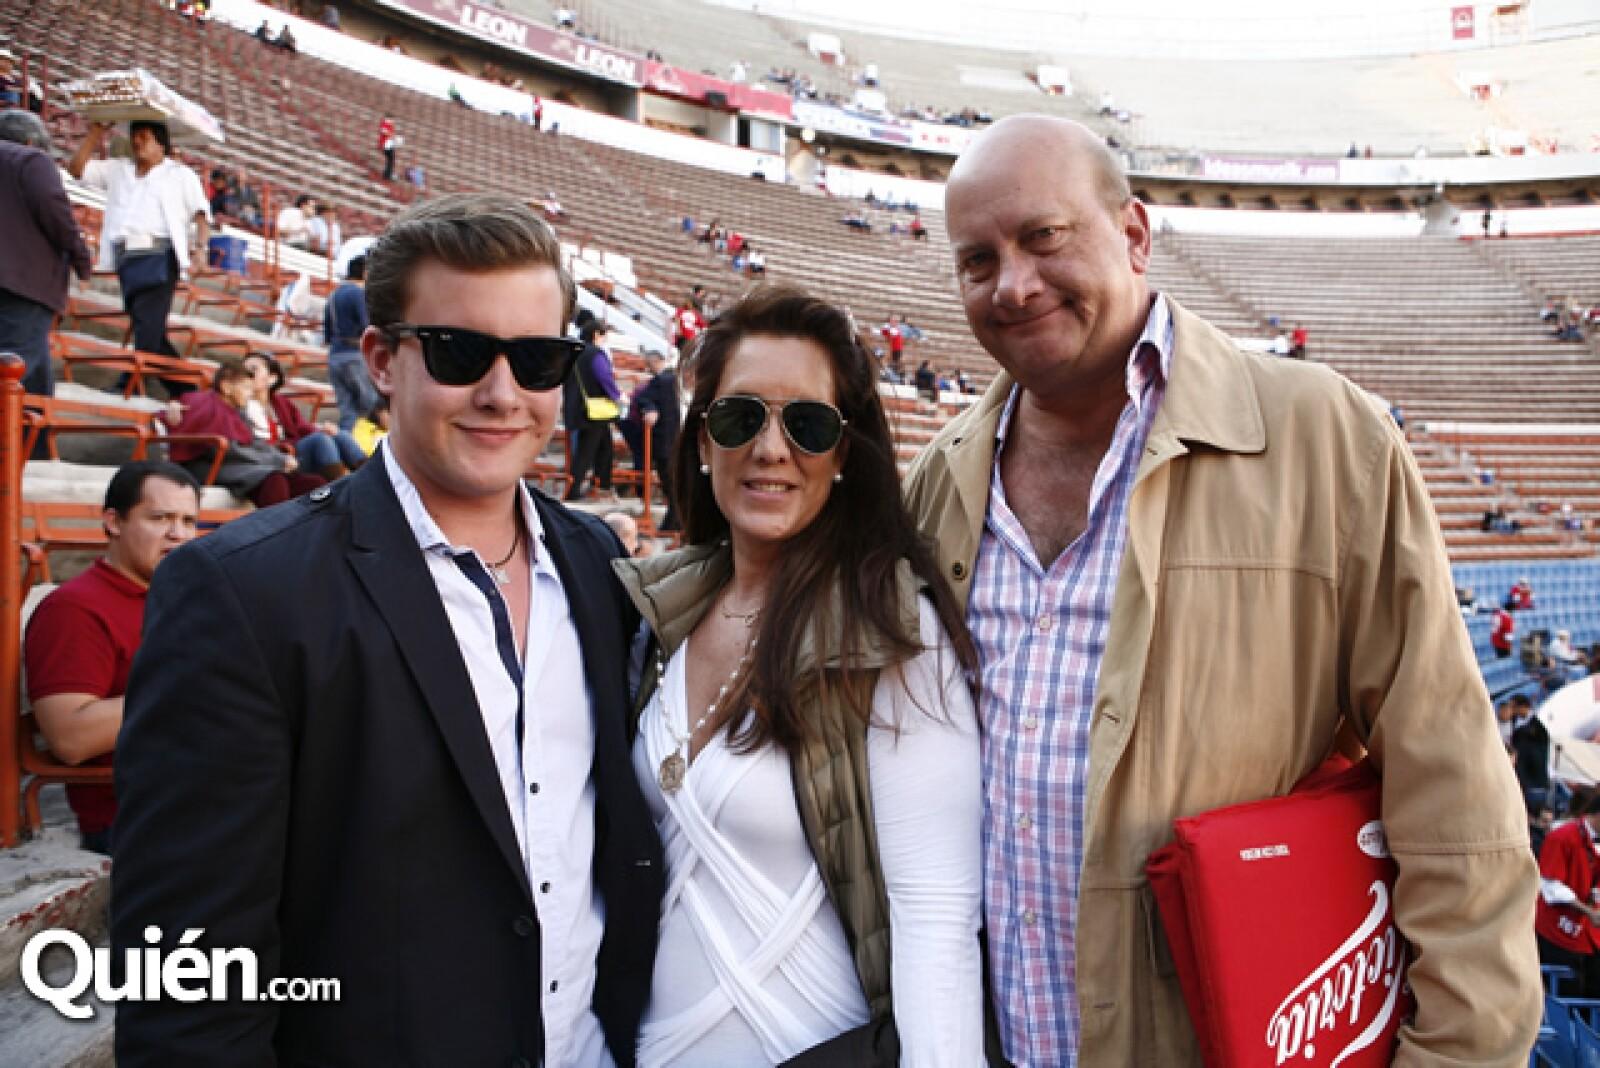 Gerardo Fernández,Ana Villa Michel,Gerardo Fernández